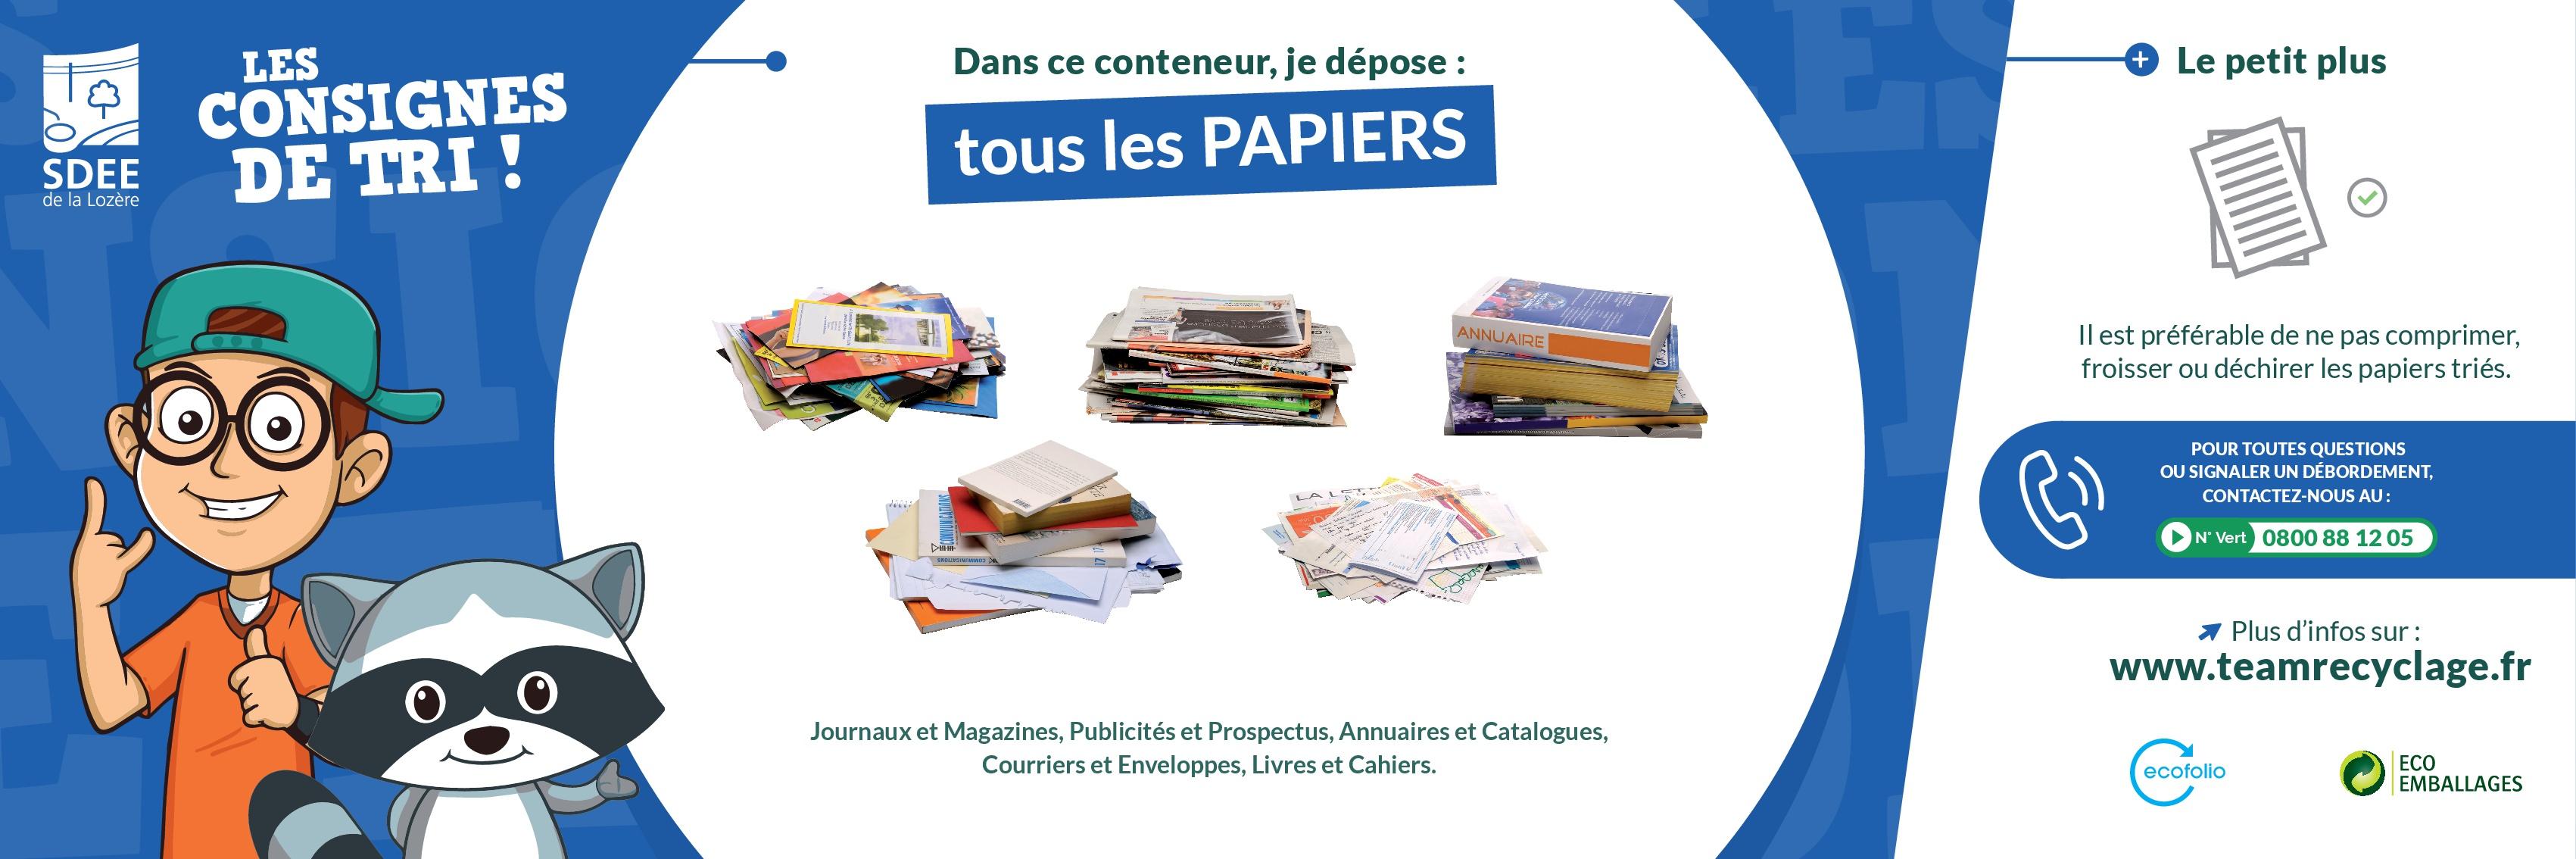 Les consignes de tri pour les papiers